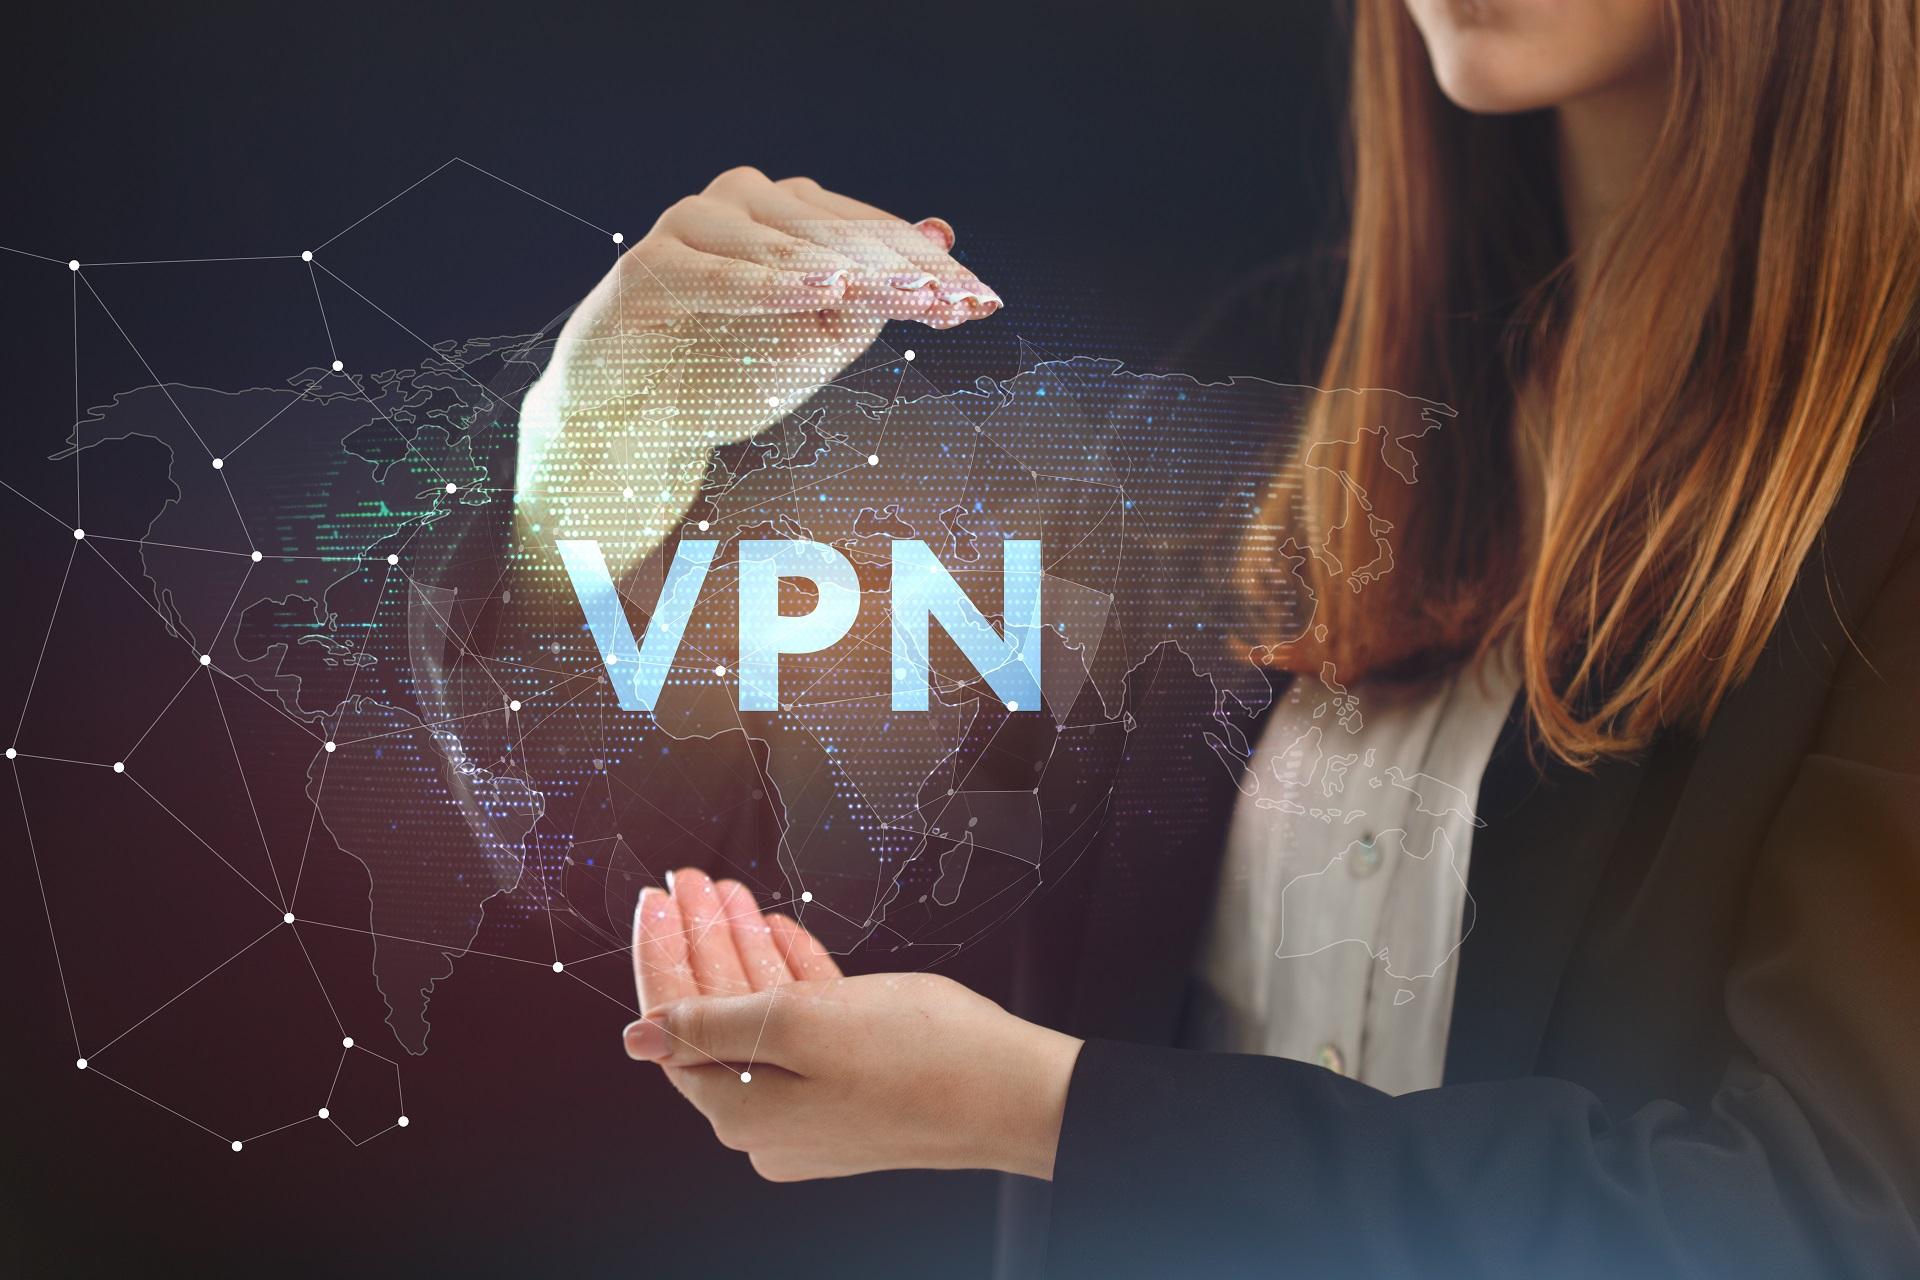 Pourquoi le VPN d'entreprise est-il lent